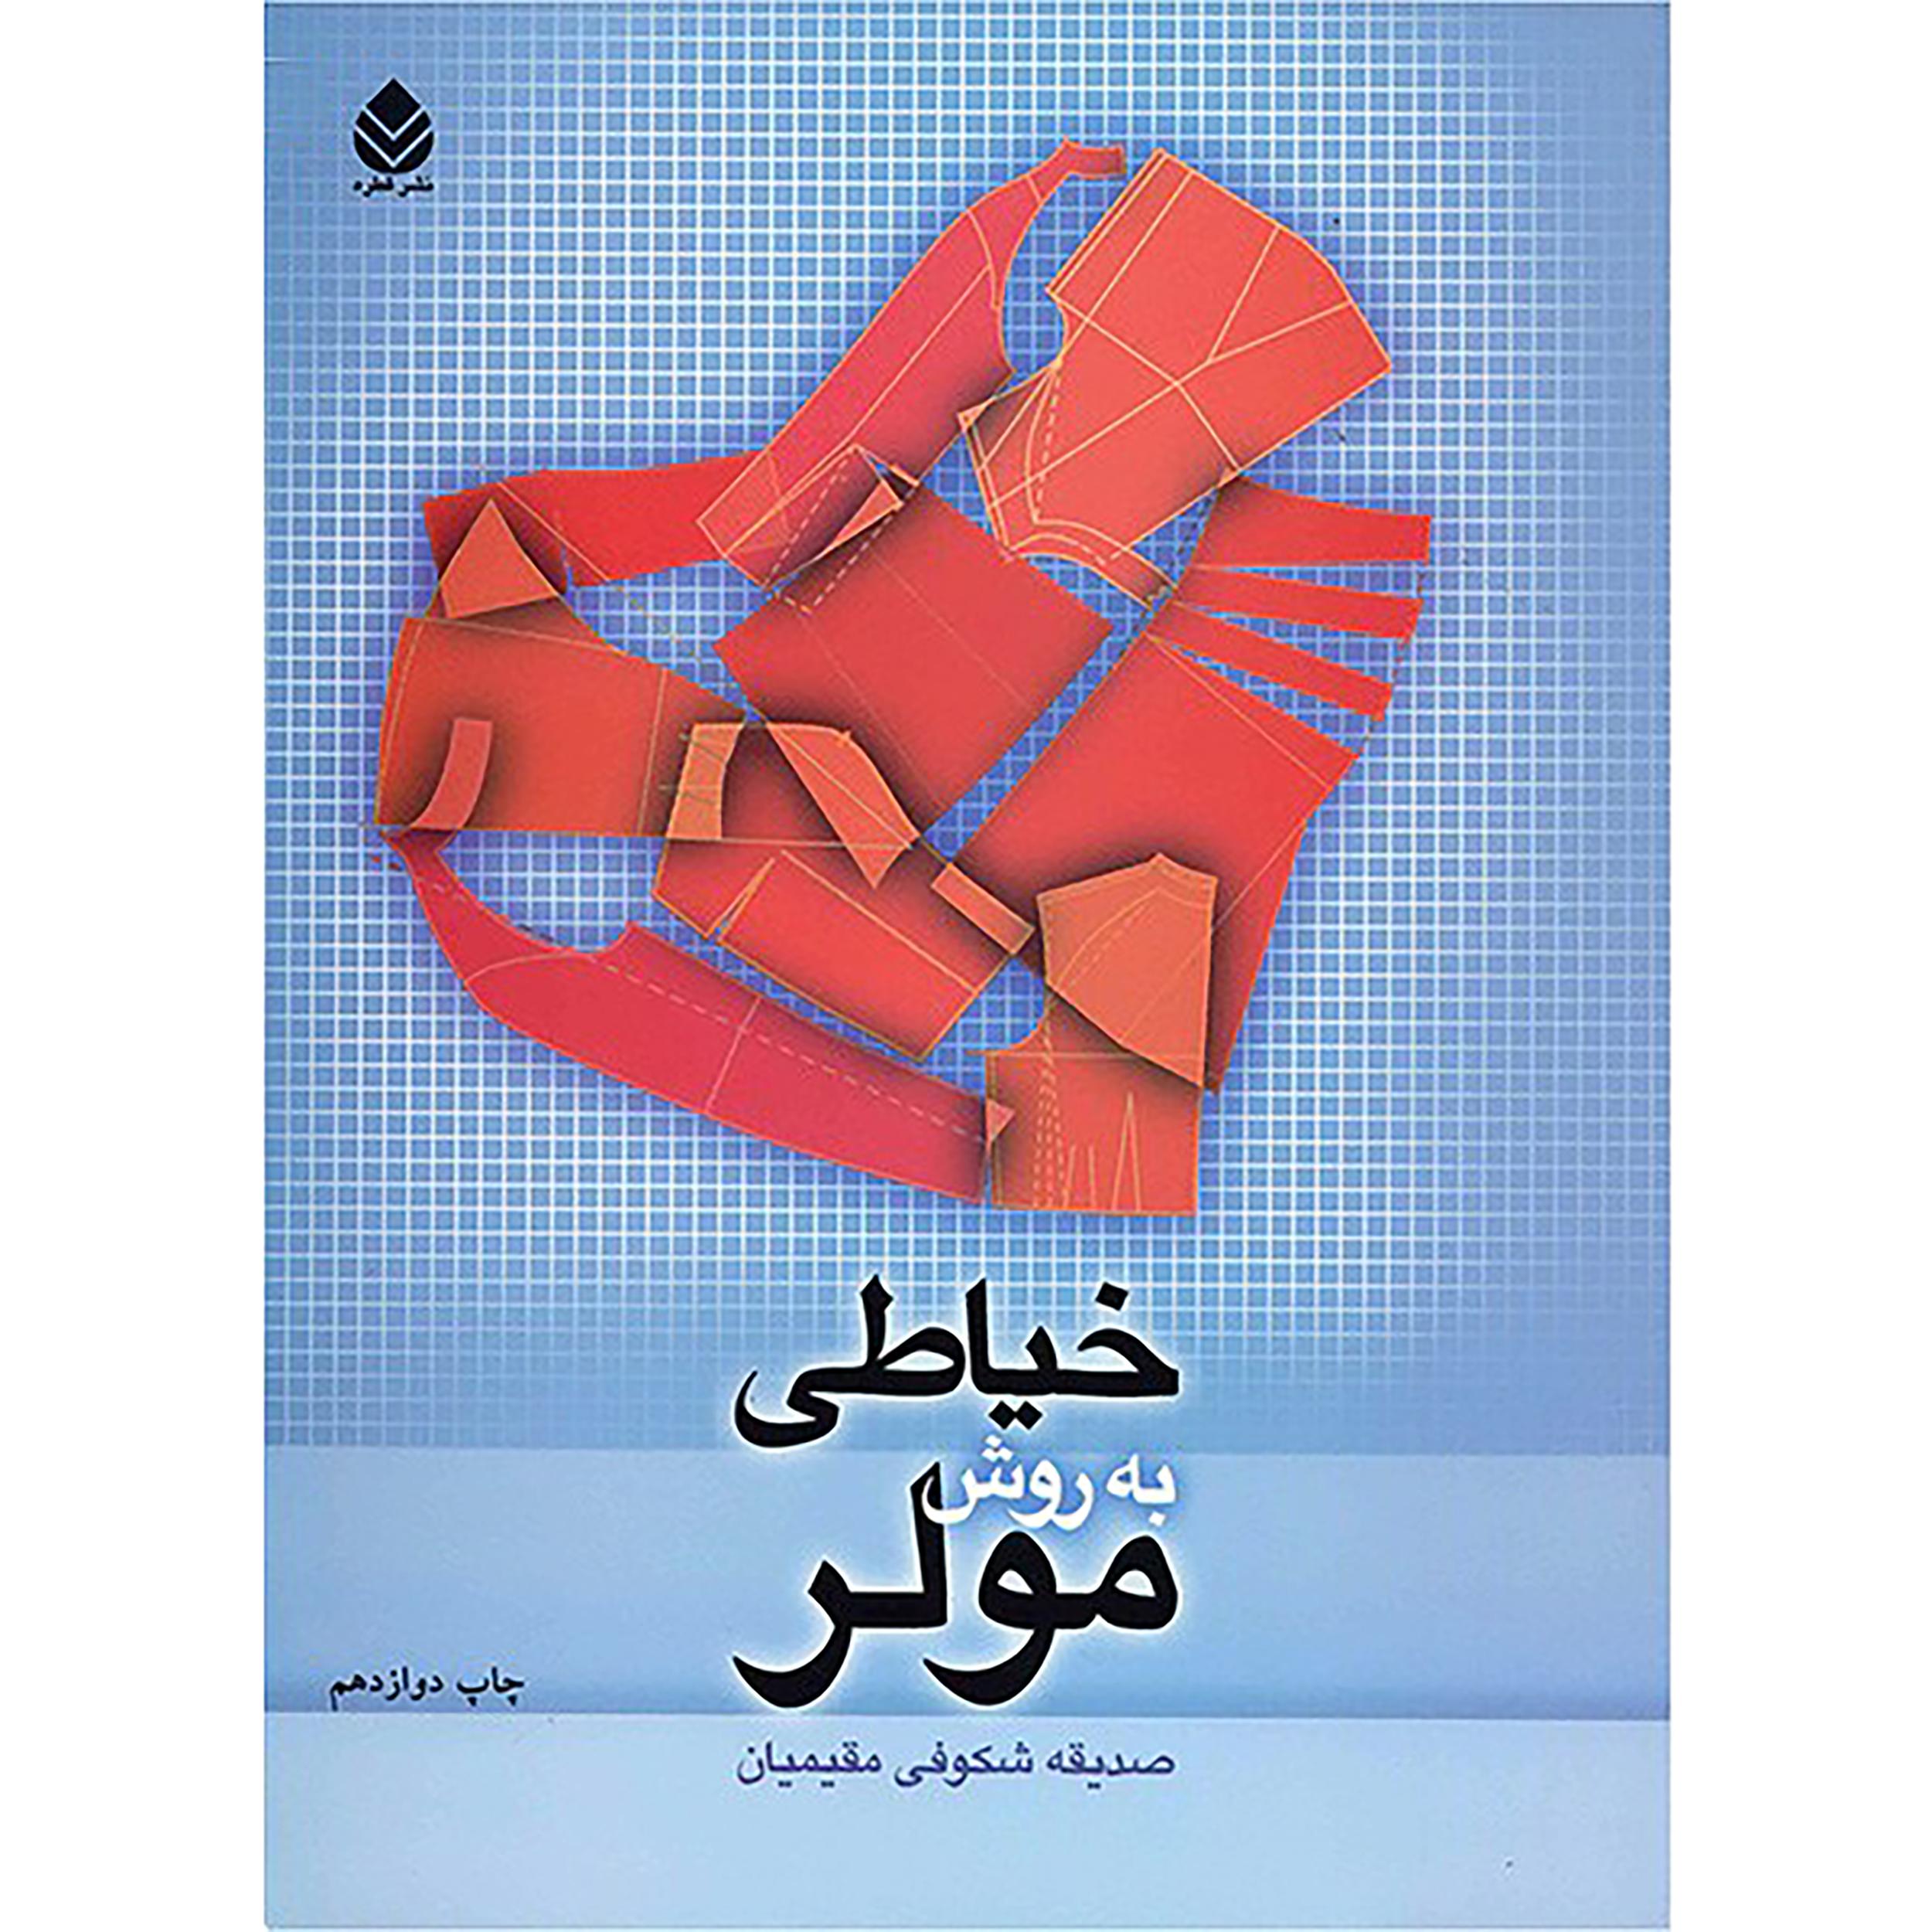 خرید                      کتاب خیاطی به روش مولر اثر صدیقه شکوفی مقیمیان